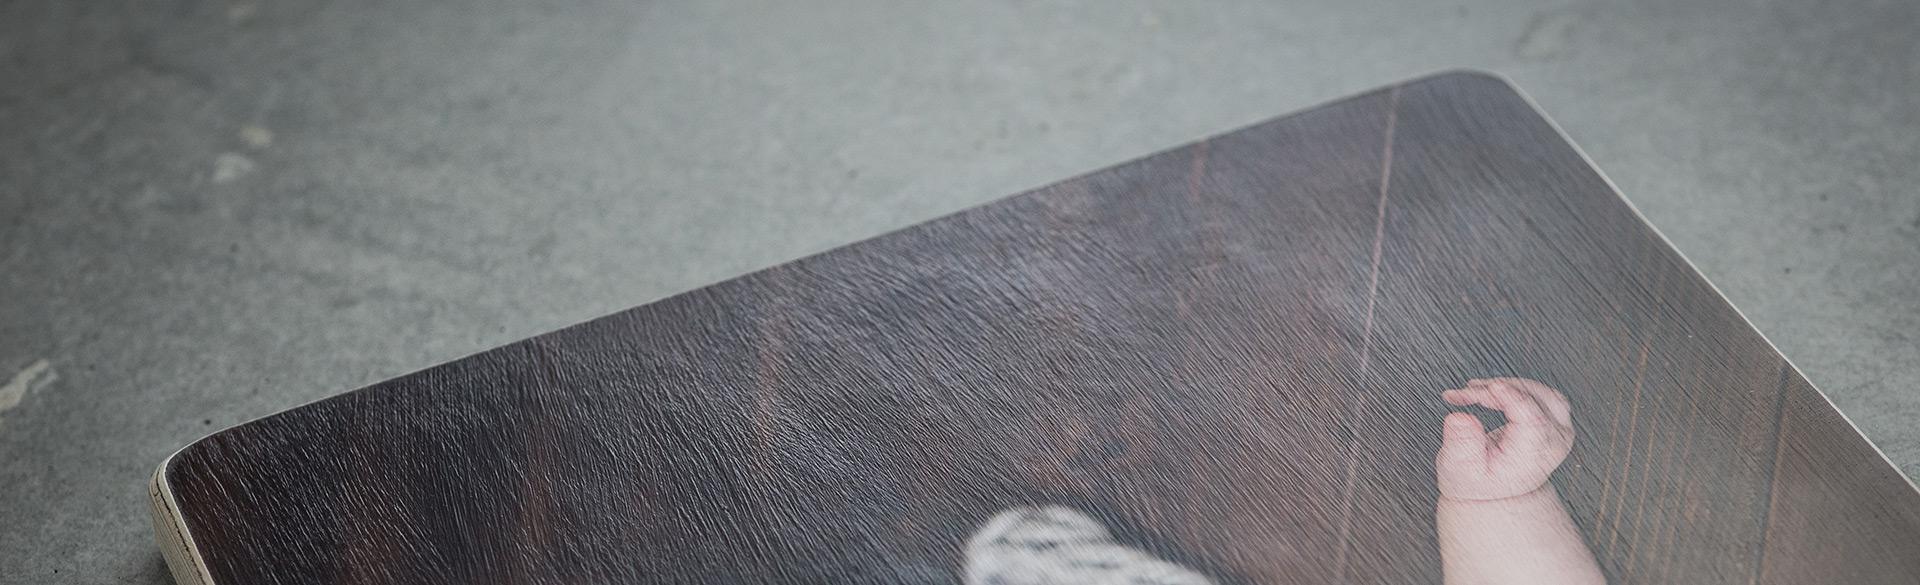 obraz na dřevěné desce, obraz na drevene desce, obraz na dřevě, obraz na dreve, tisk na dřevo, tisk na drevo, foto na dřevě, foto na dreve, fotka na dřevě, fotka na dreve, dřevěný obraz, dreveny obraz, obraz z fotografie, obraz z vlastní fotky